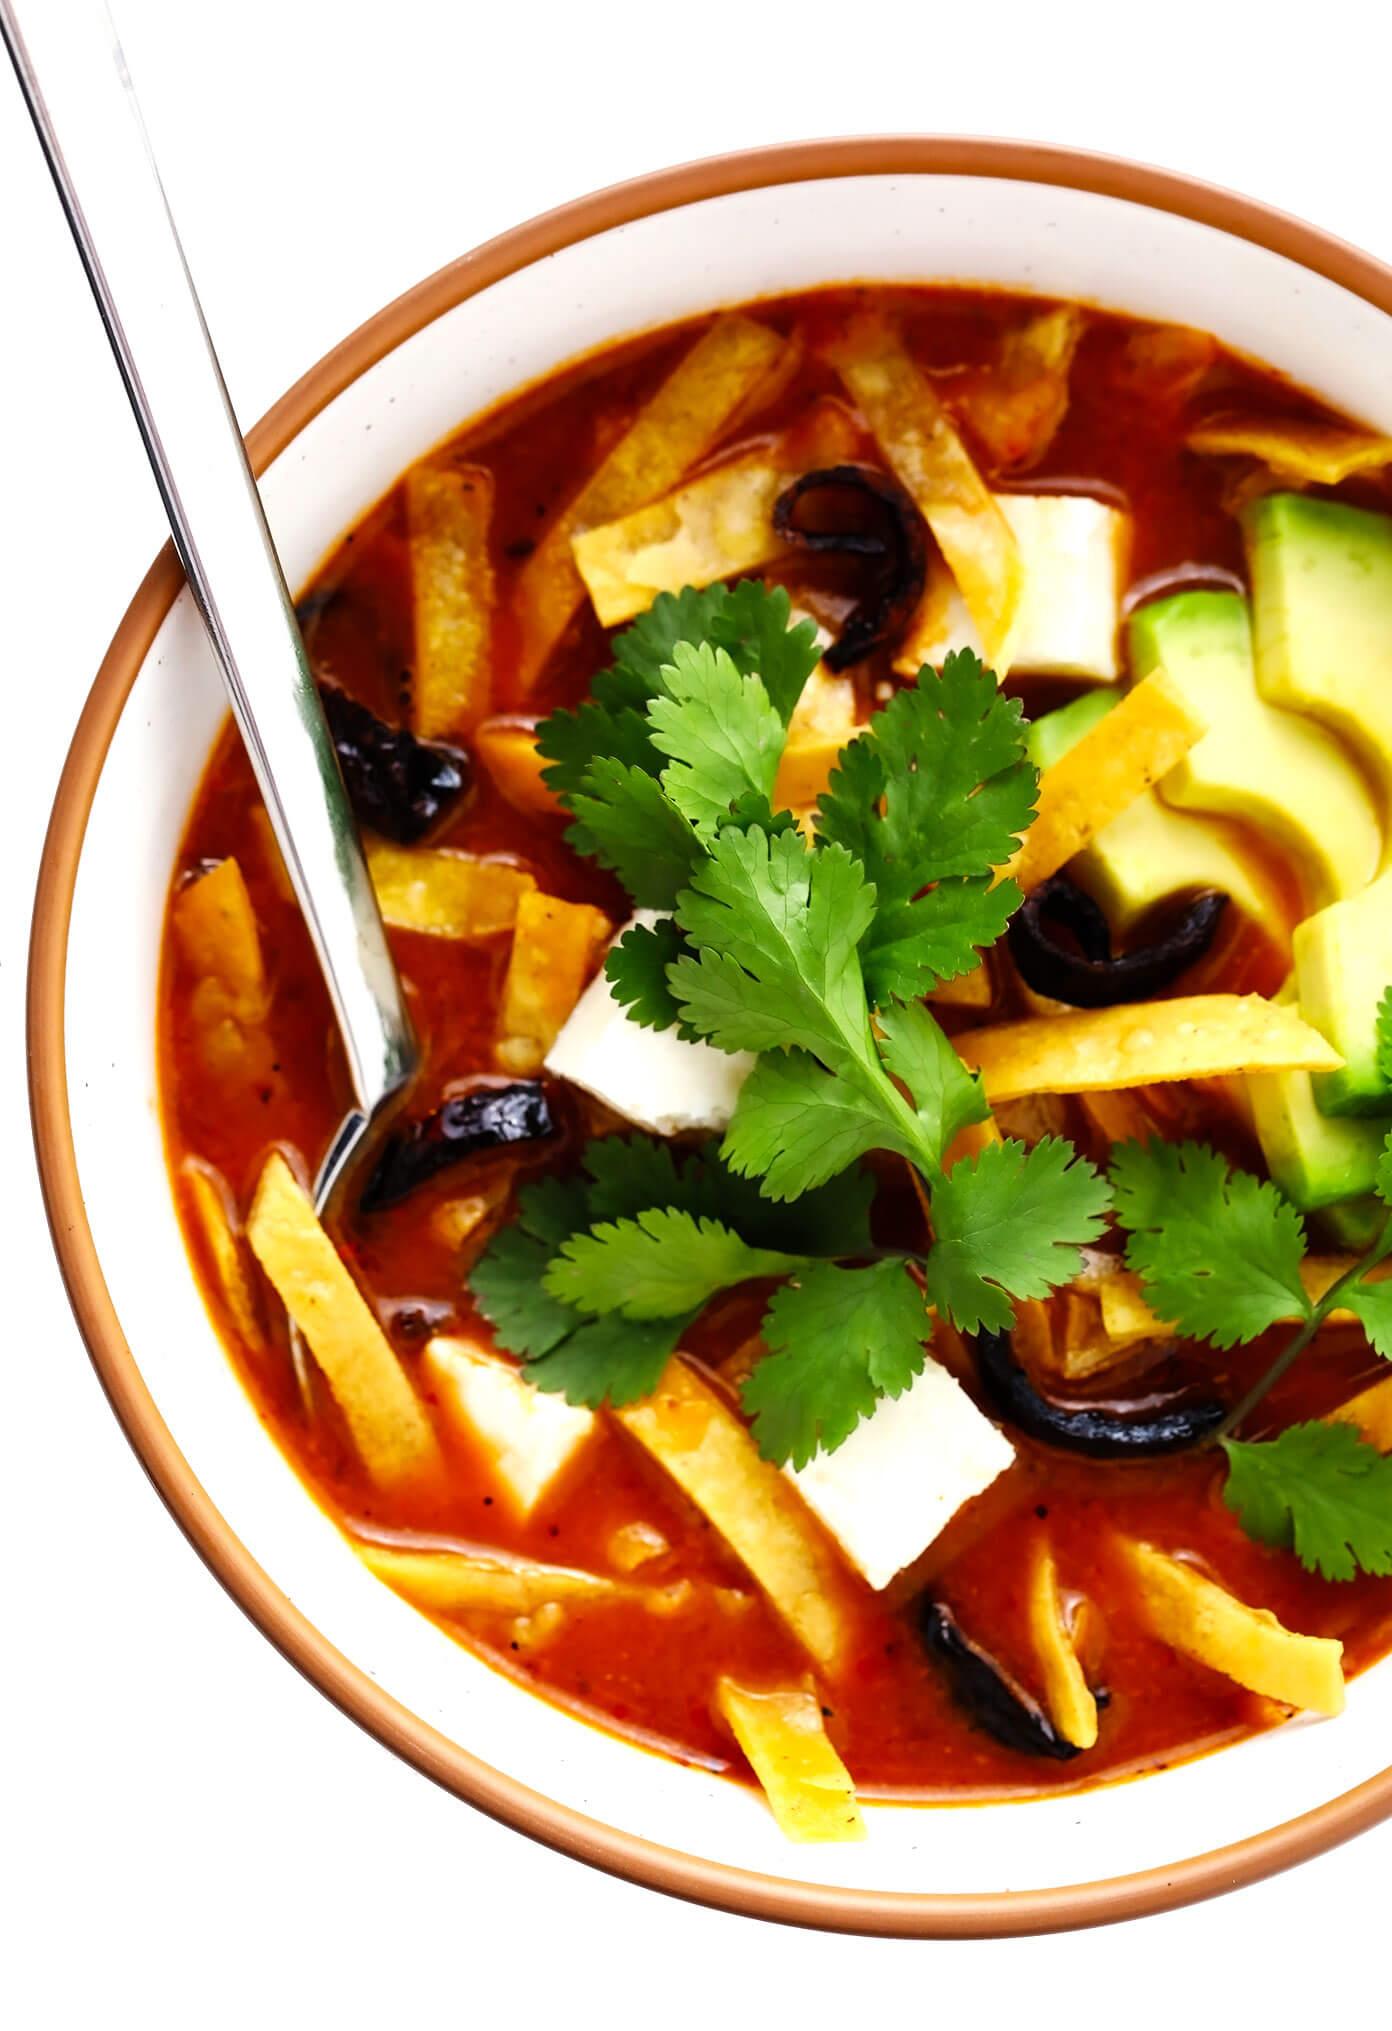 Sopa Azteca (Mexican Tortilla Soup) Recipe